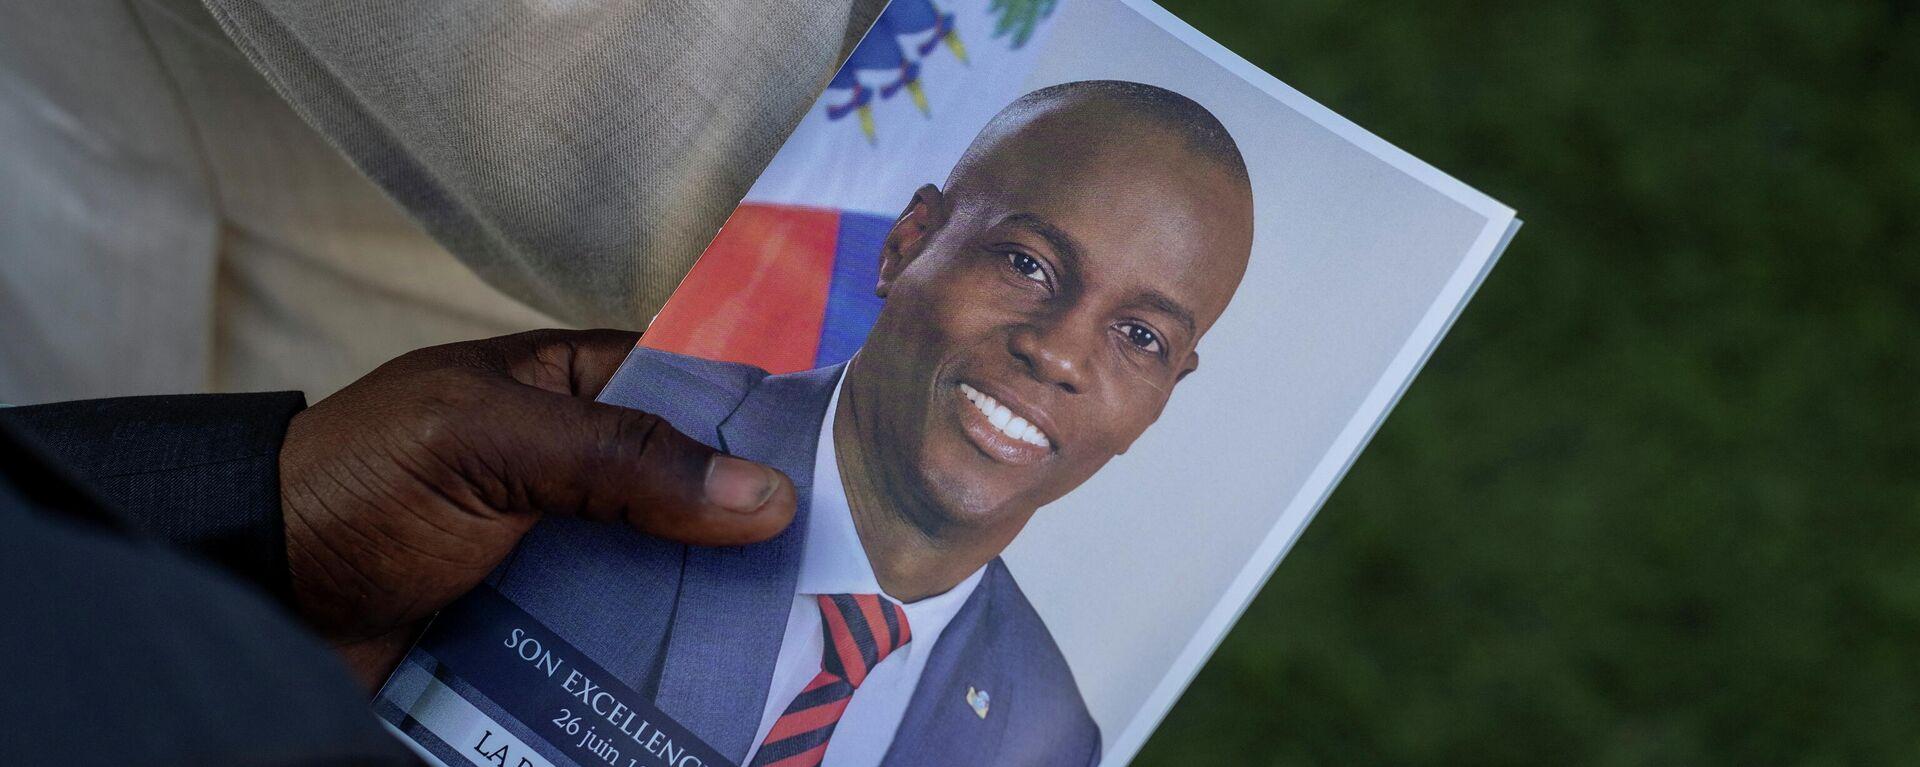 El retrato del asesinado presidente de Haití, Jovenel Moise - Sputnik Mundo, 1920, 13.08.2021